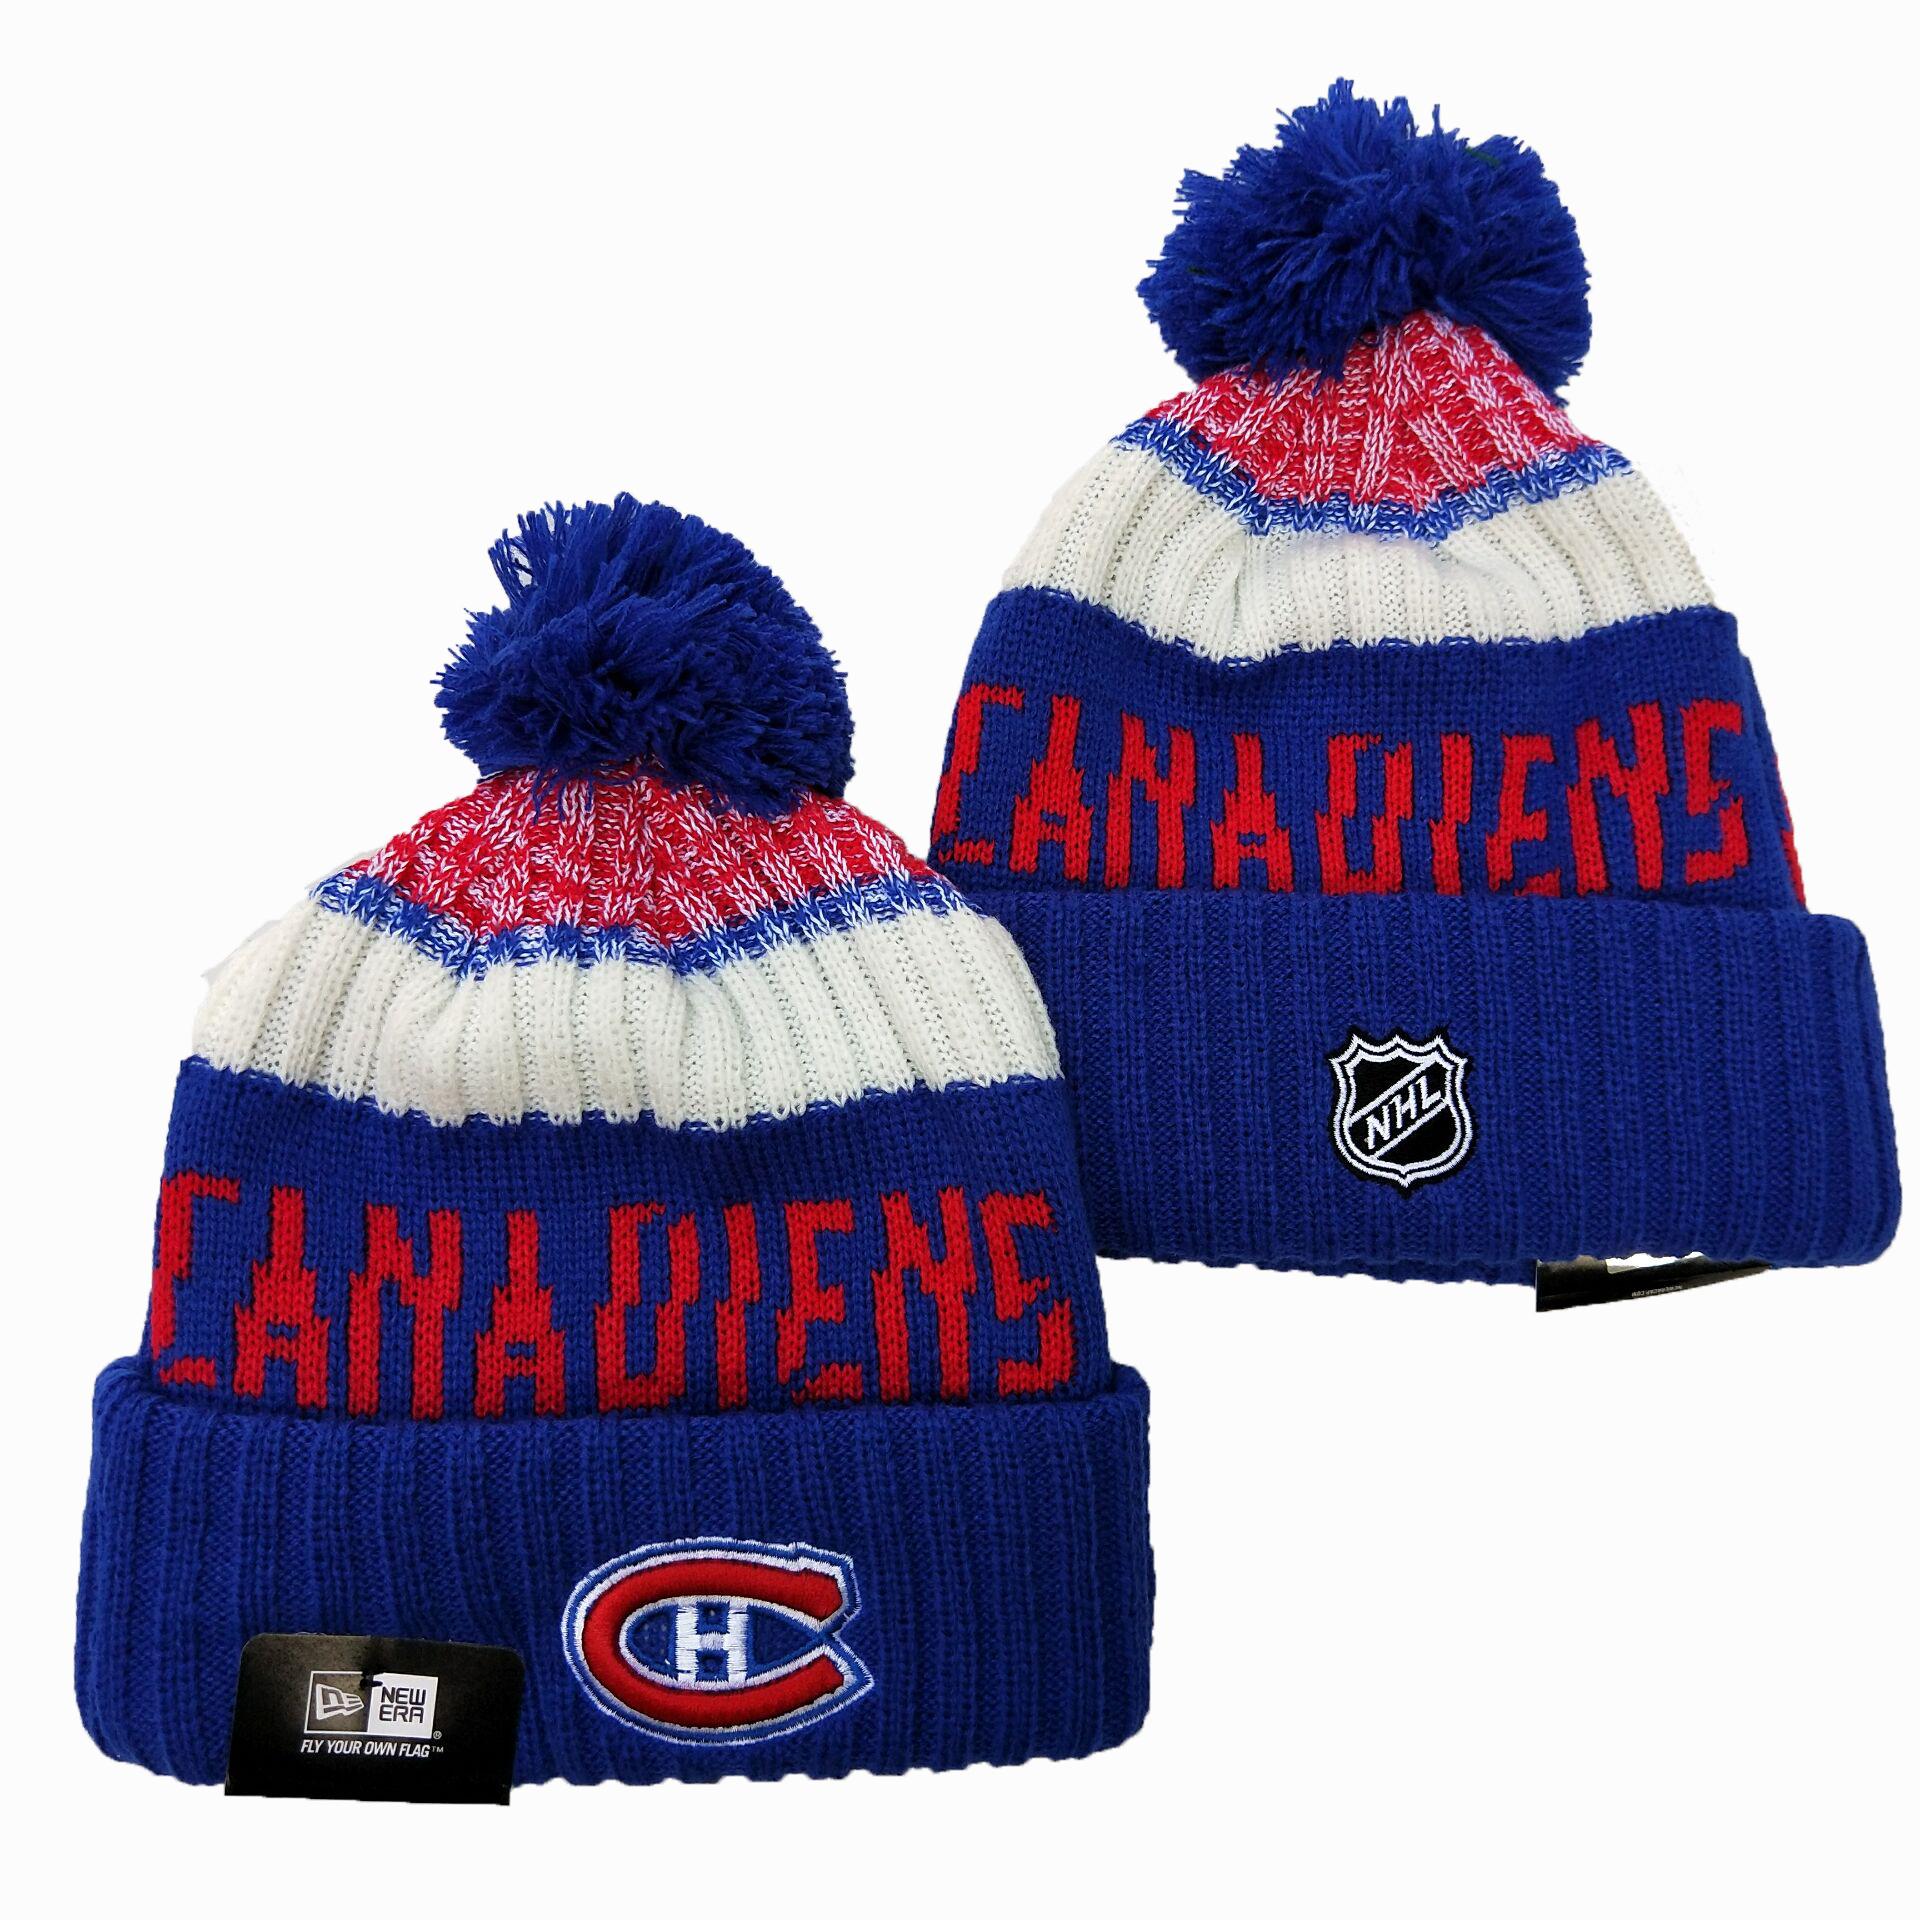 Canadiens Team Logo Royal Wordmark Cuffed Pom Knit Hat YD